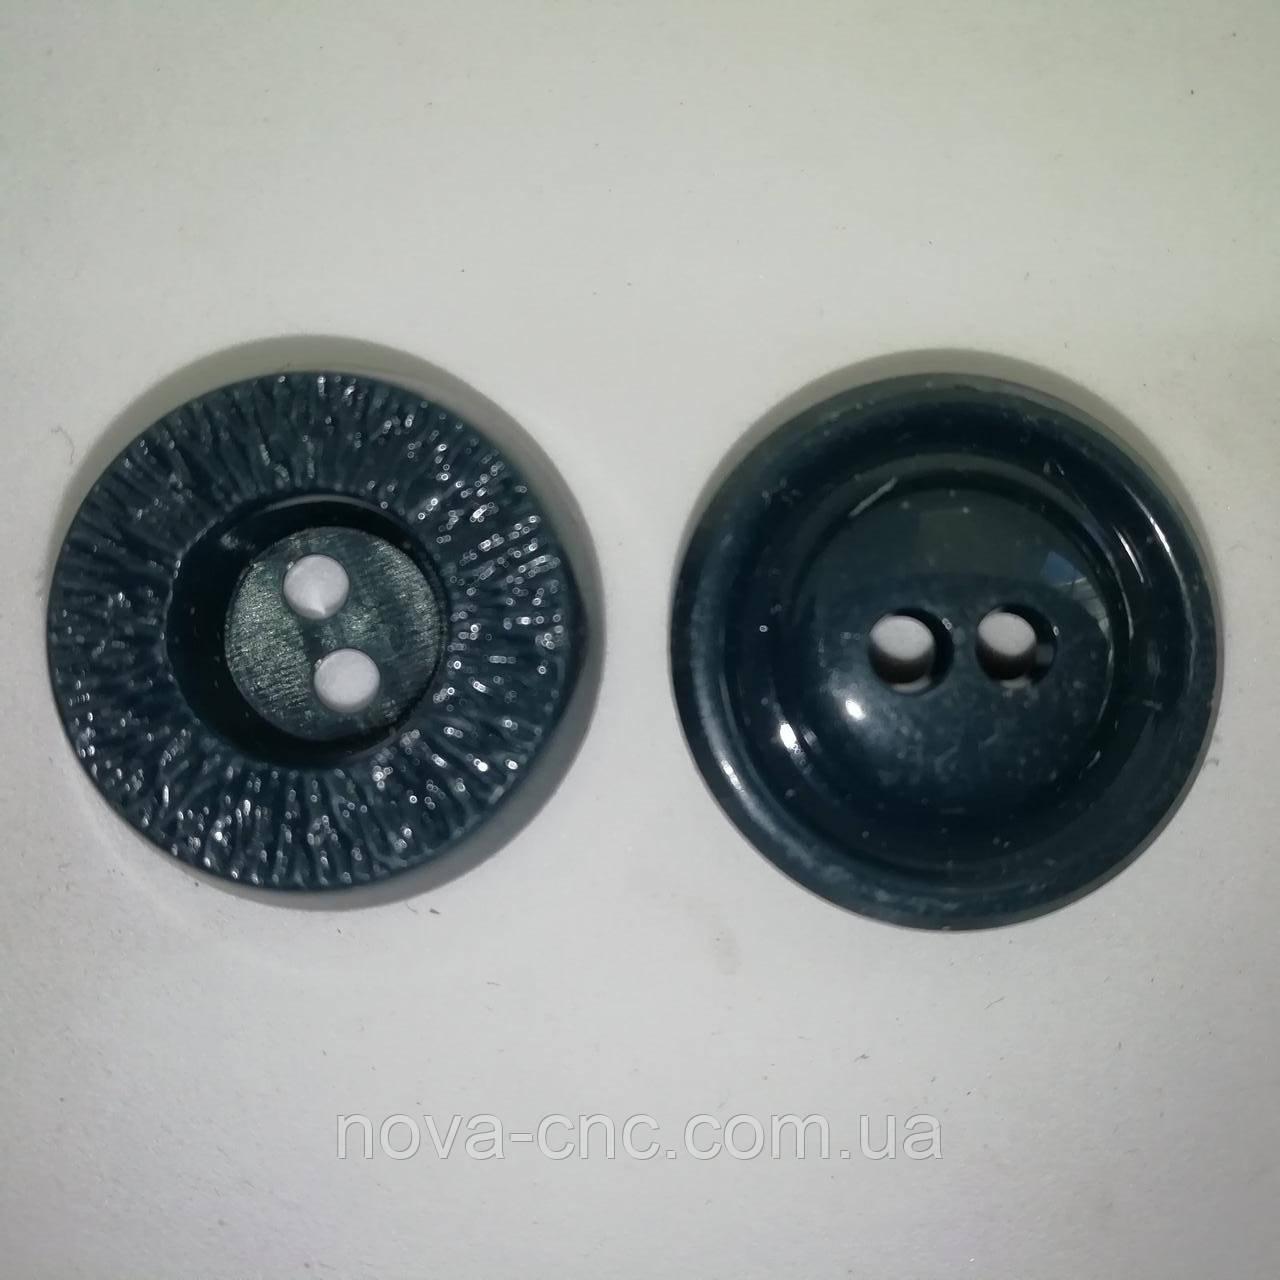 Ґудзики пластмасові 22 мм Колір темна бірюза Упаковка 550 штук